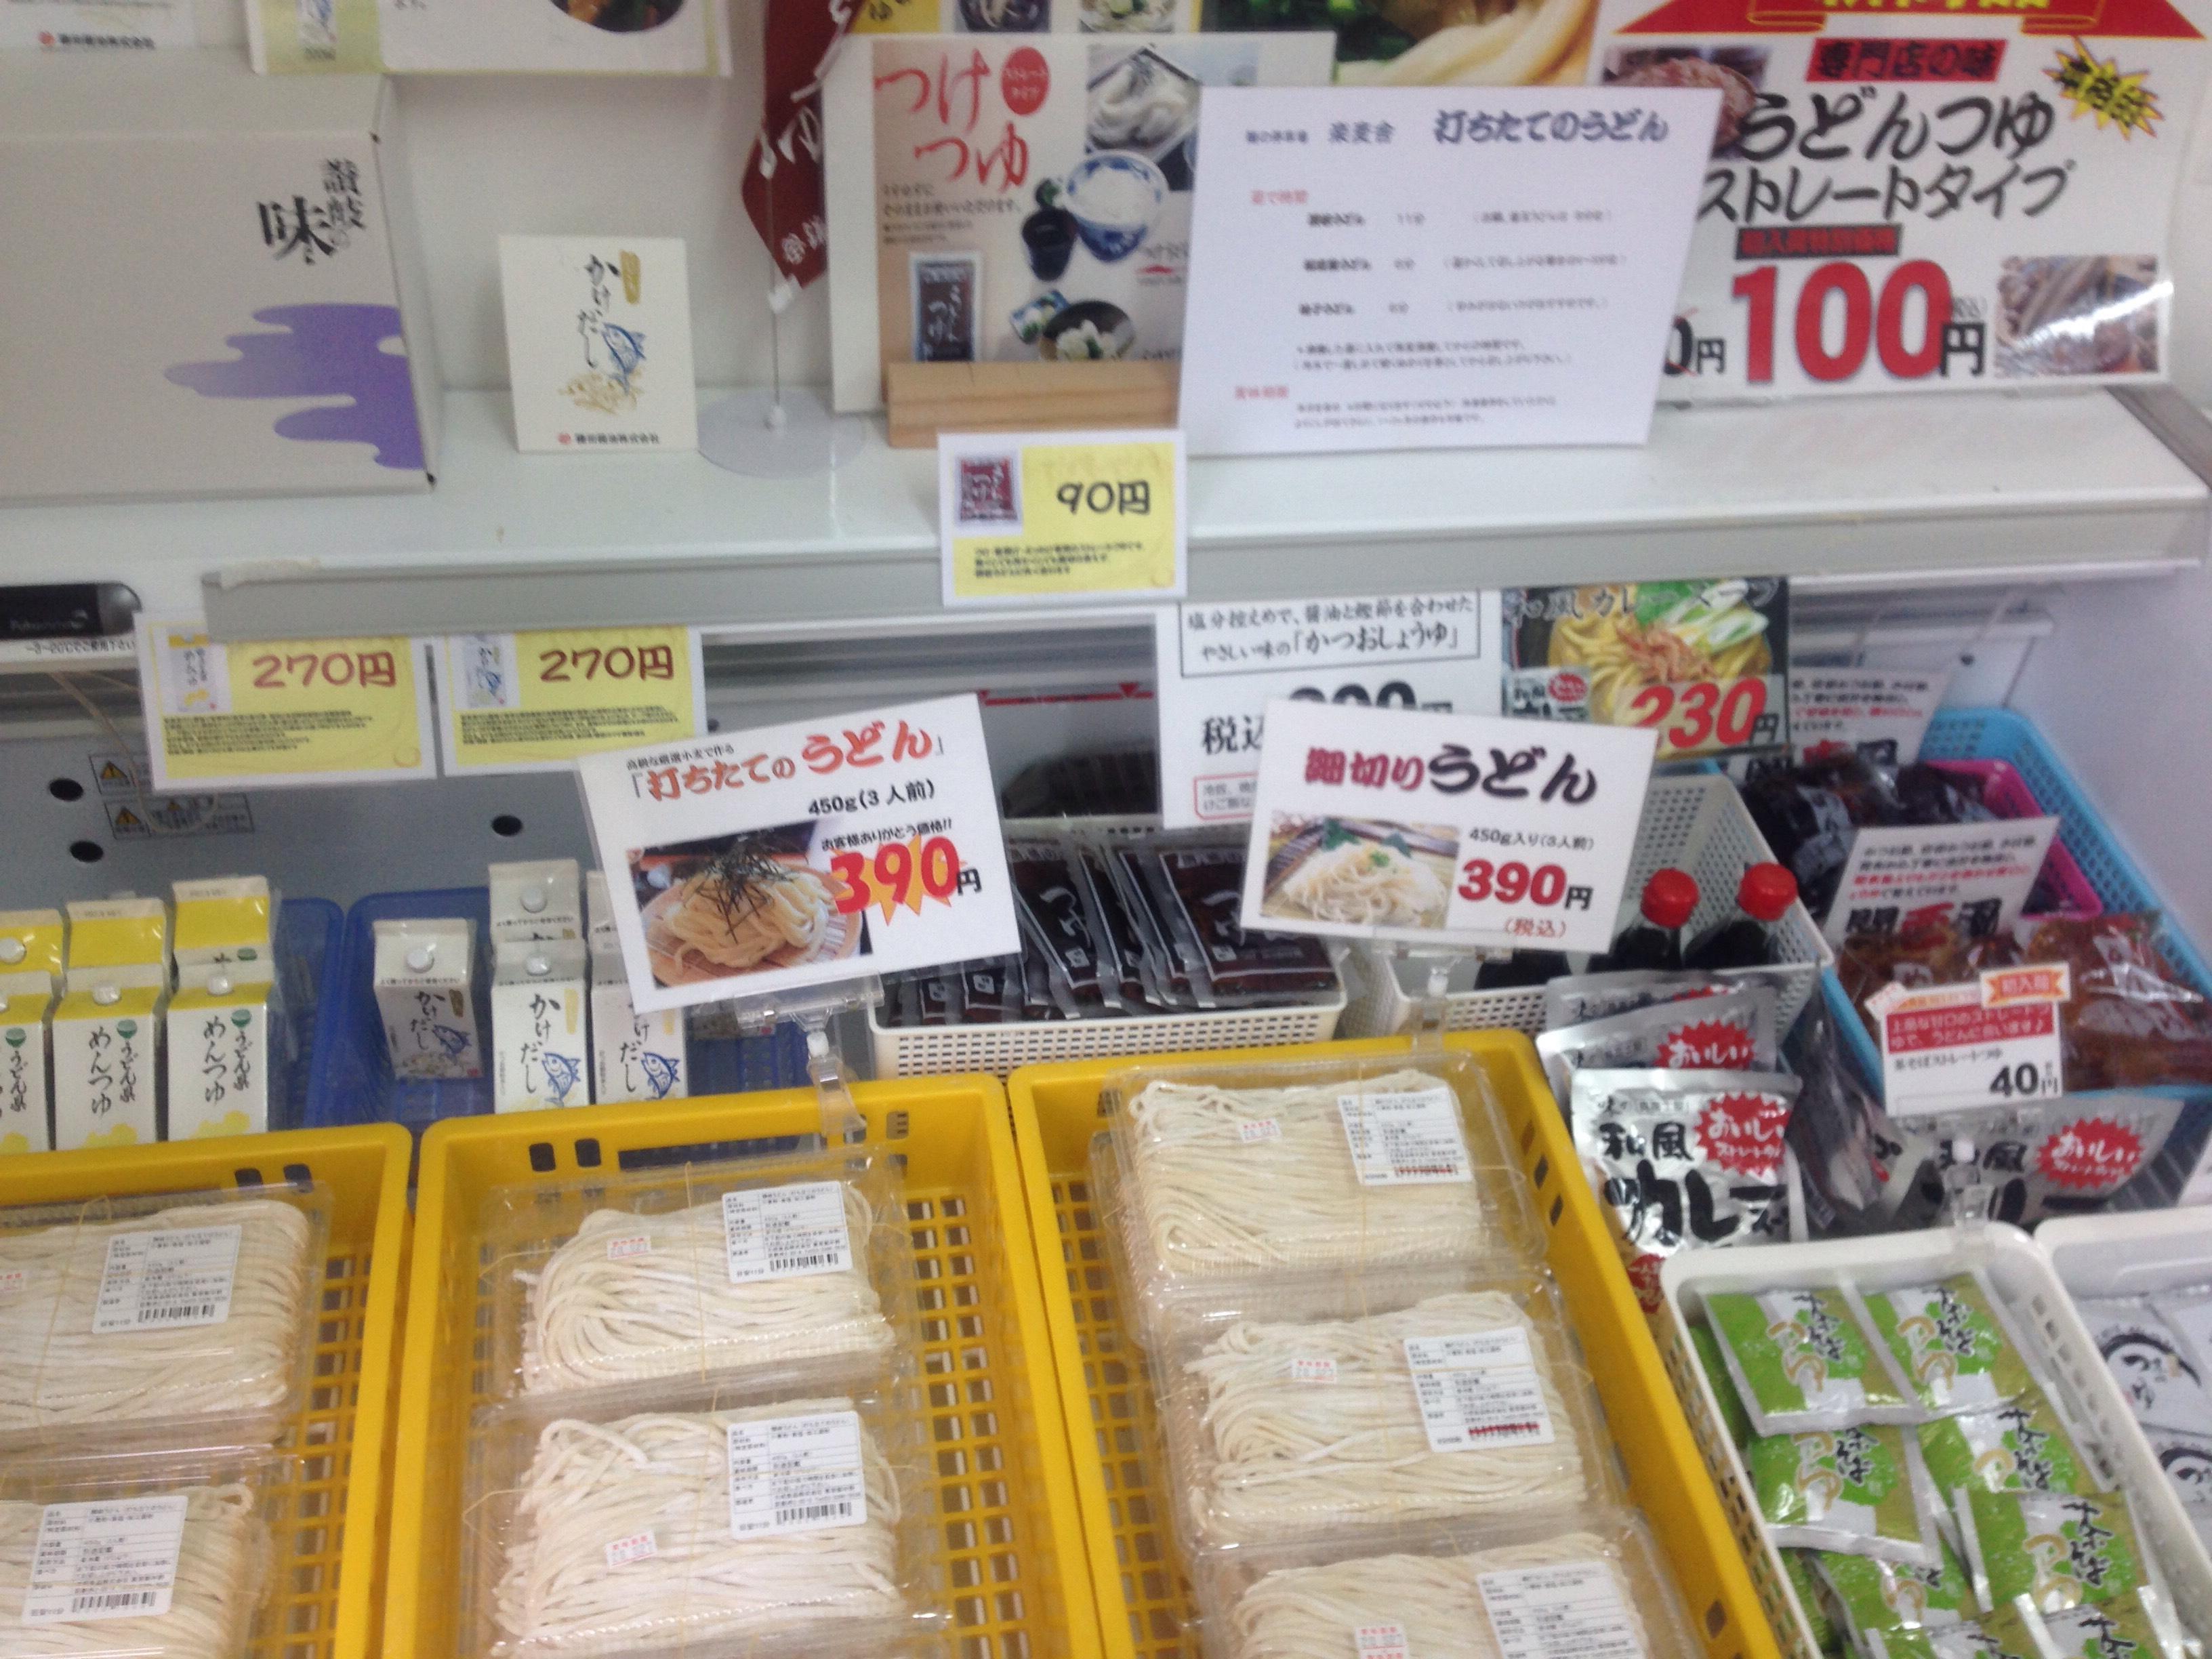 打ちたて生うどん売り場@麺の停車場楽麦舎 東京都中野区新井3-6-7